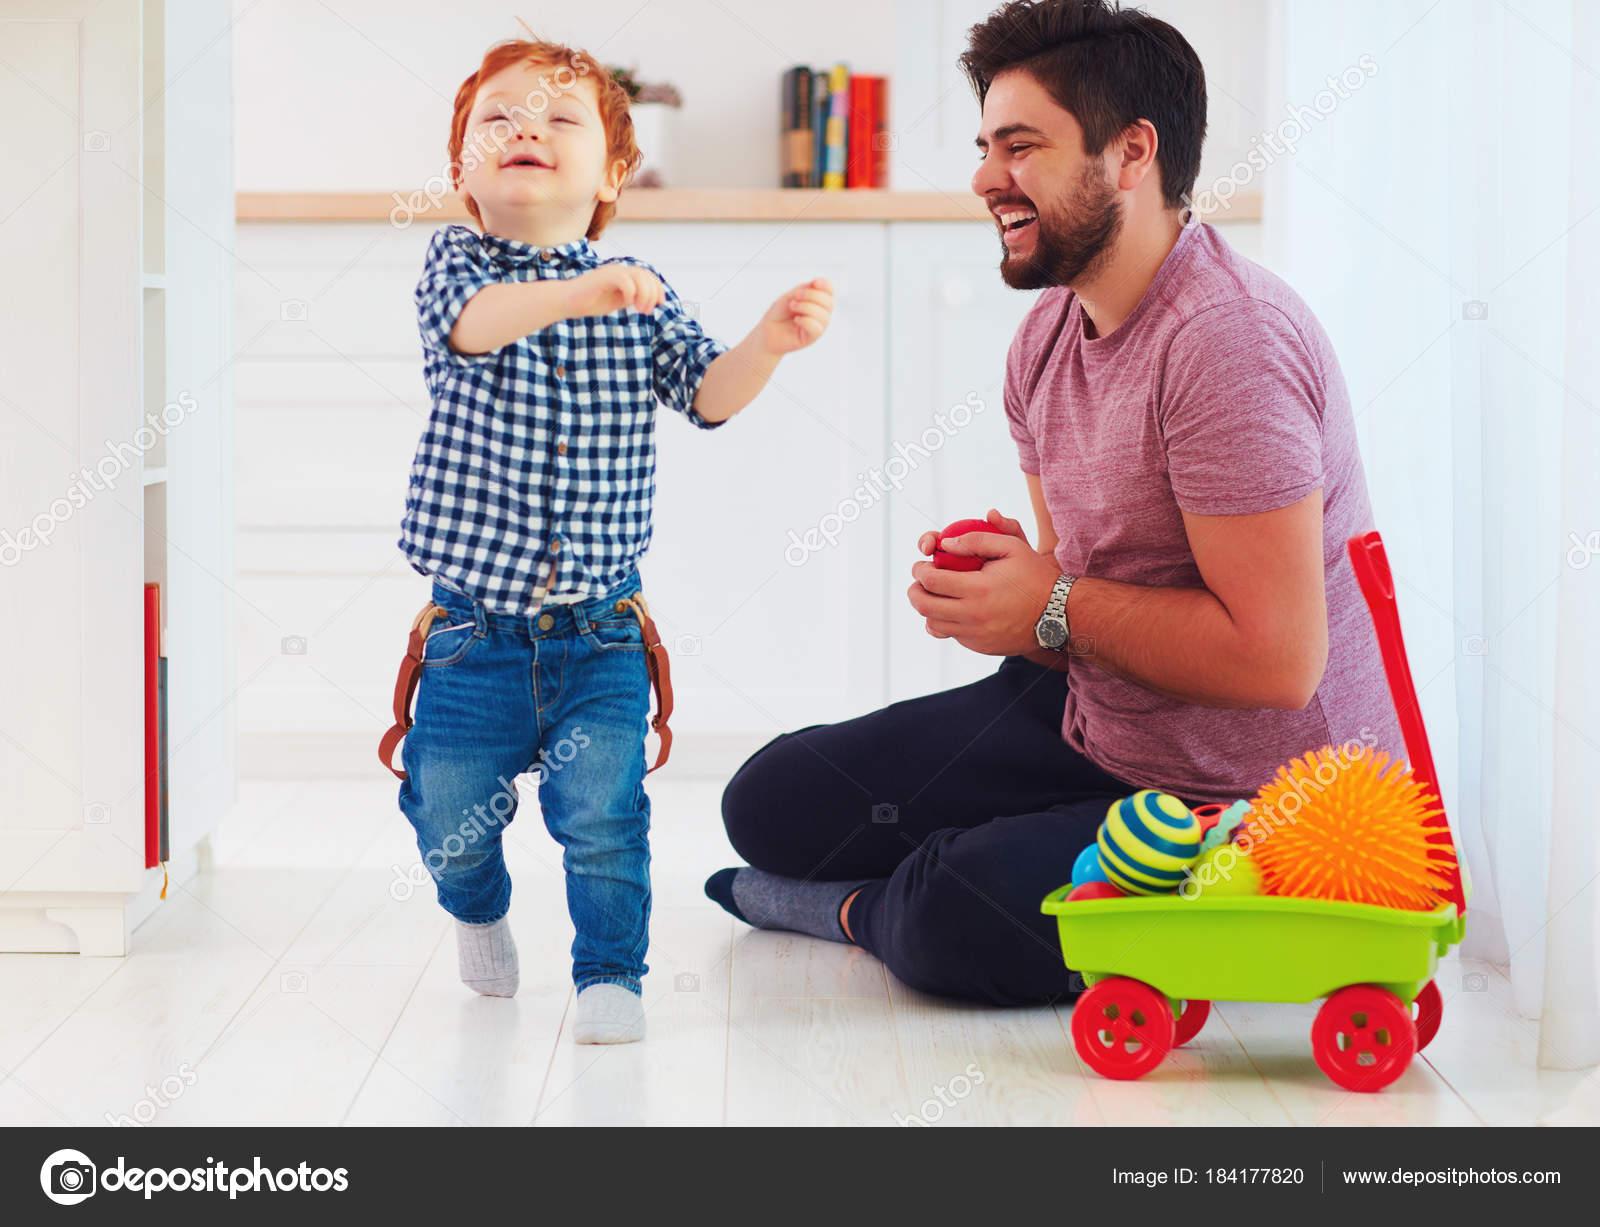 Momento Franca De Padre Feliz Jugando Con Lindo Hijo En Casa Juegos